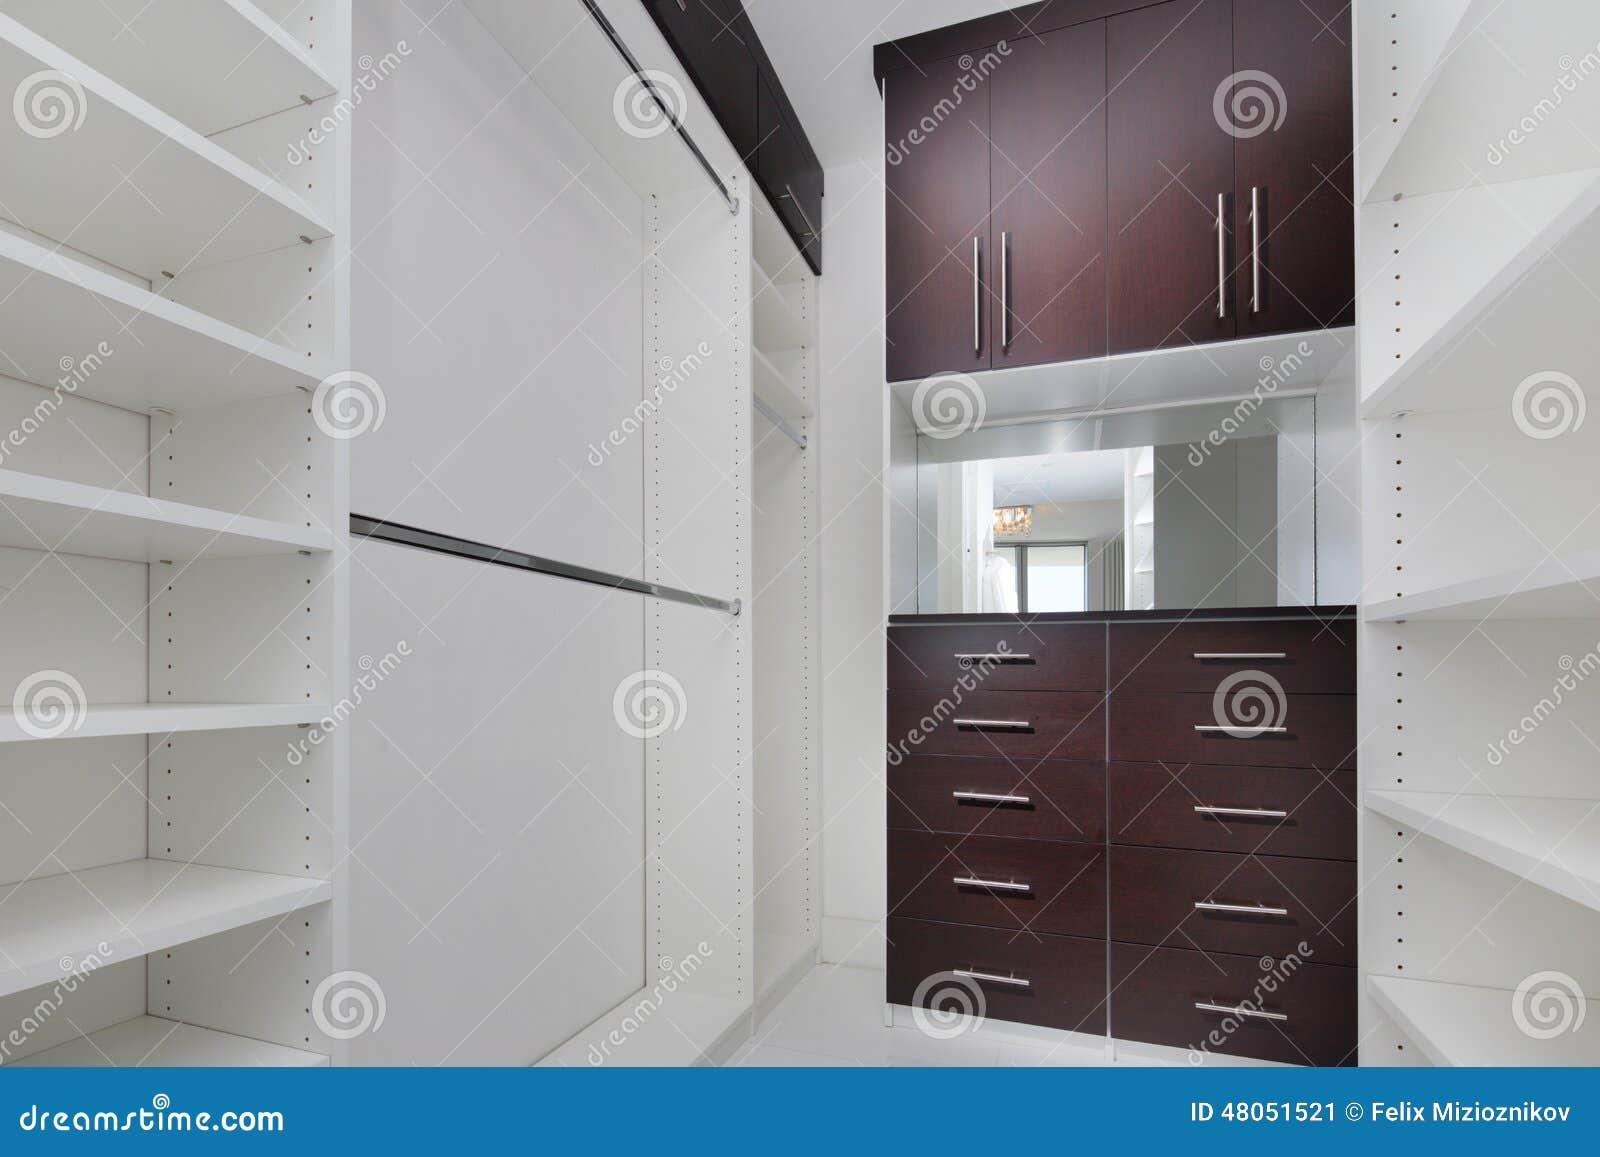 Moderner Wandschrank Stockbild Bild Von Auslegung Leer 48051521